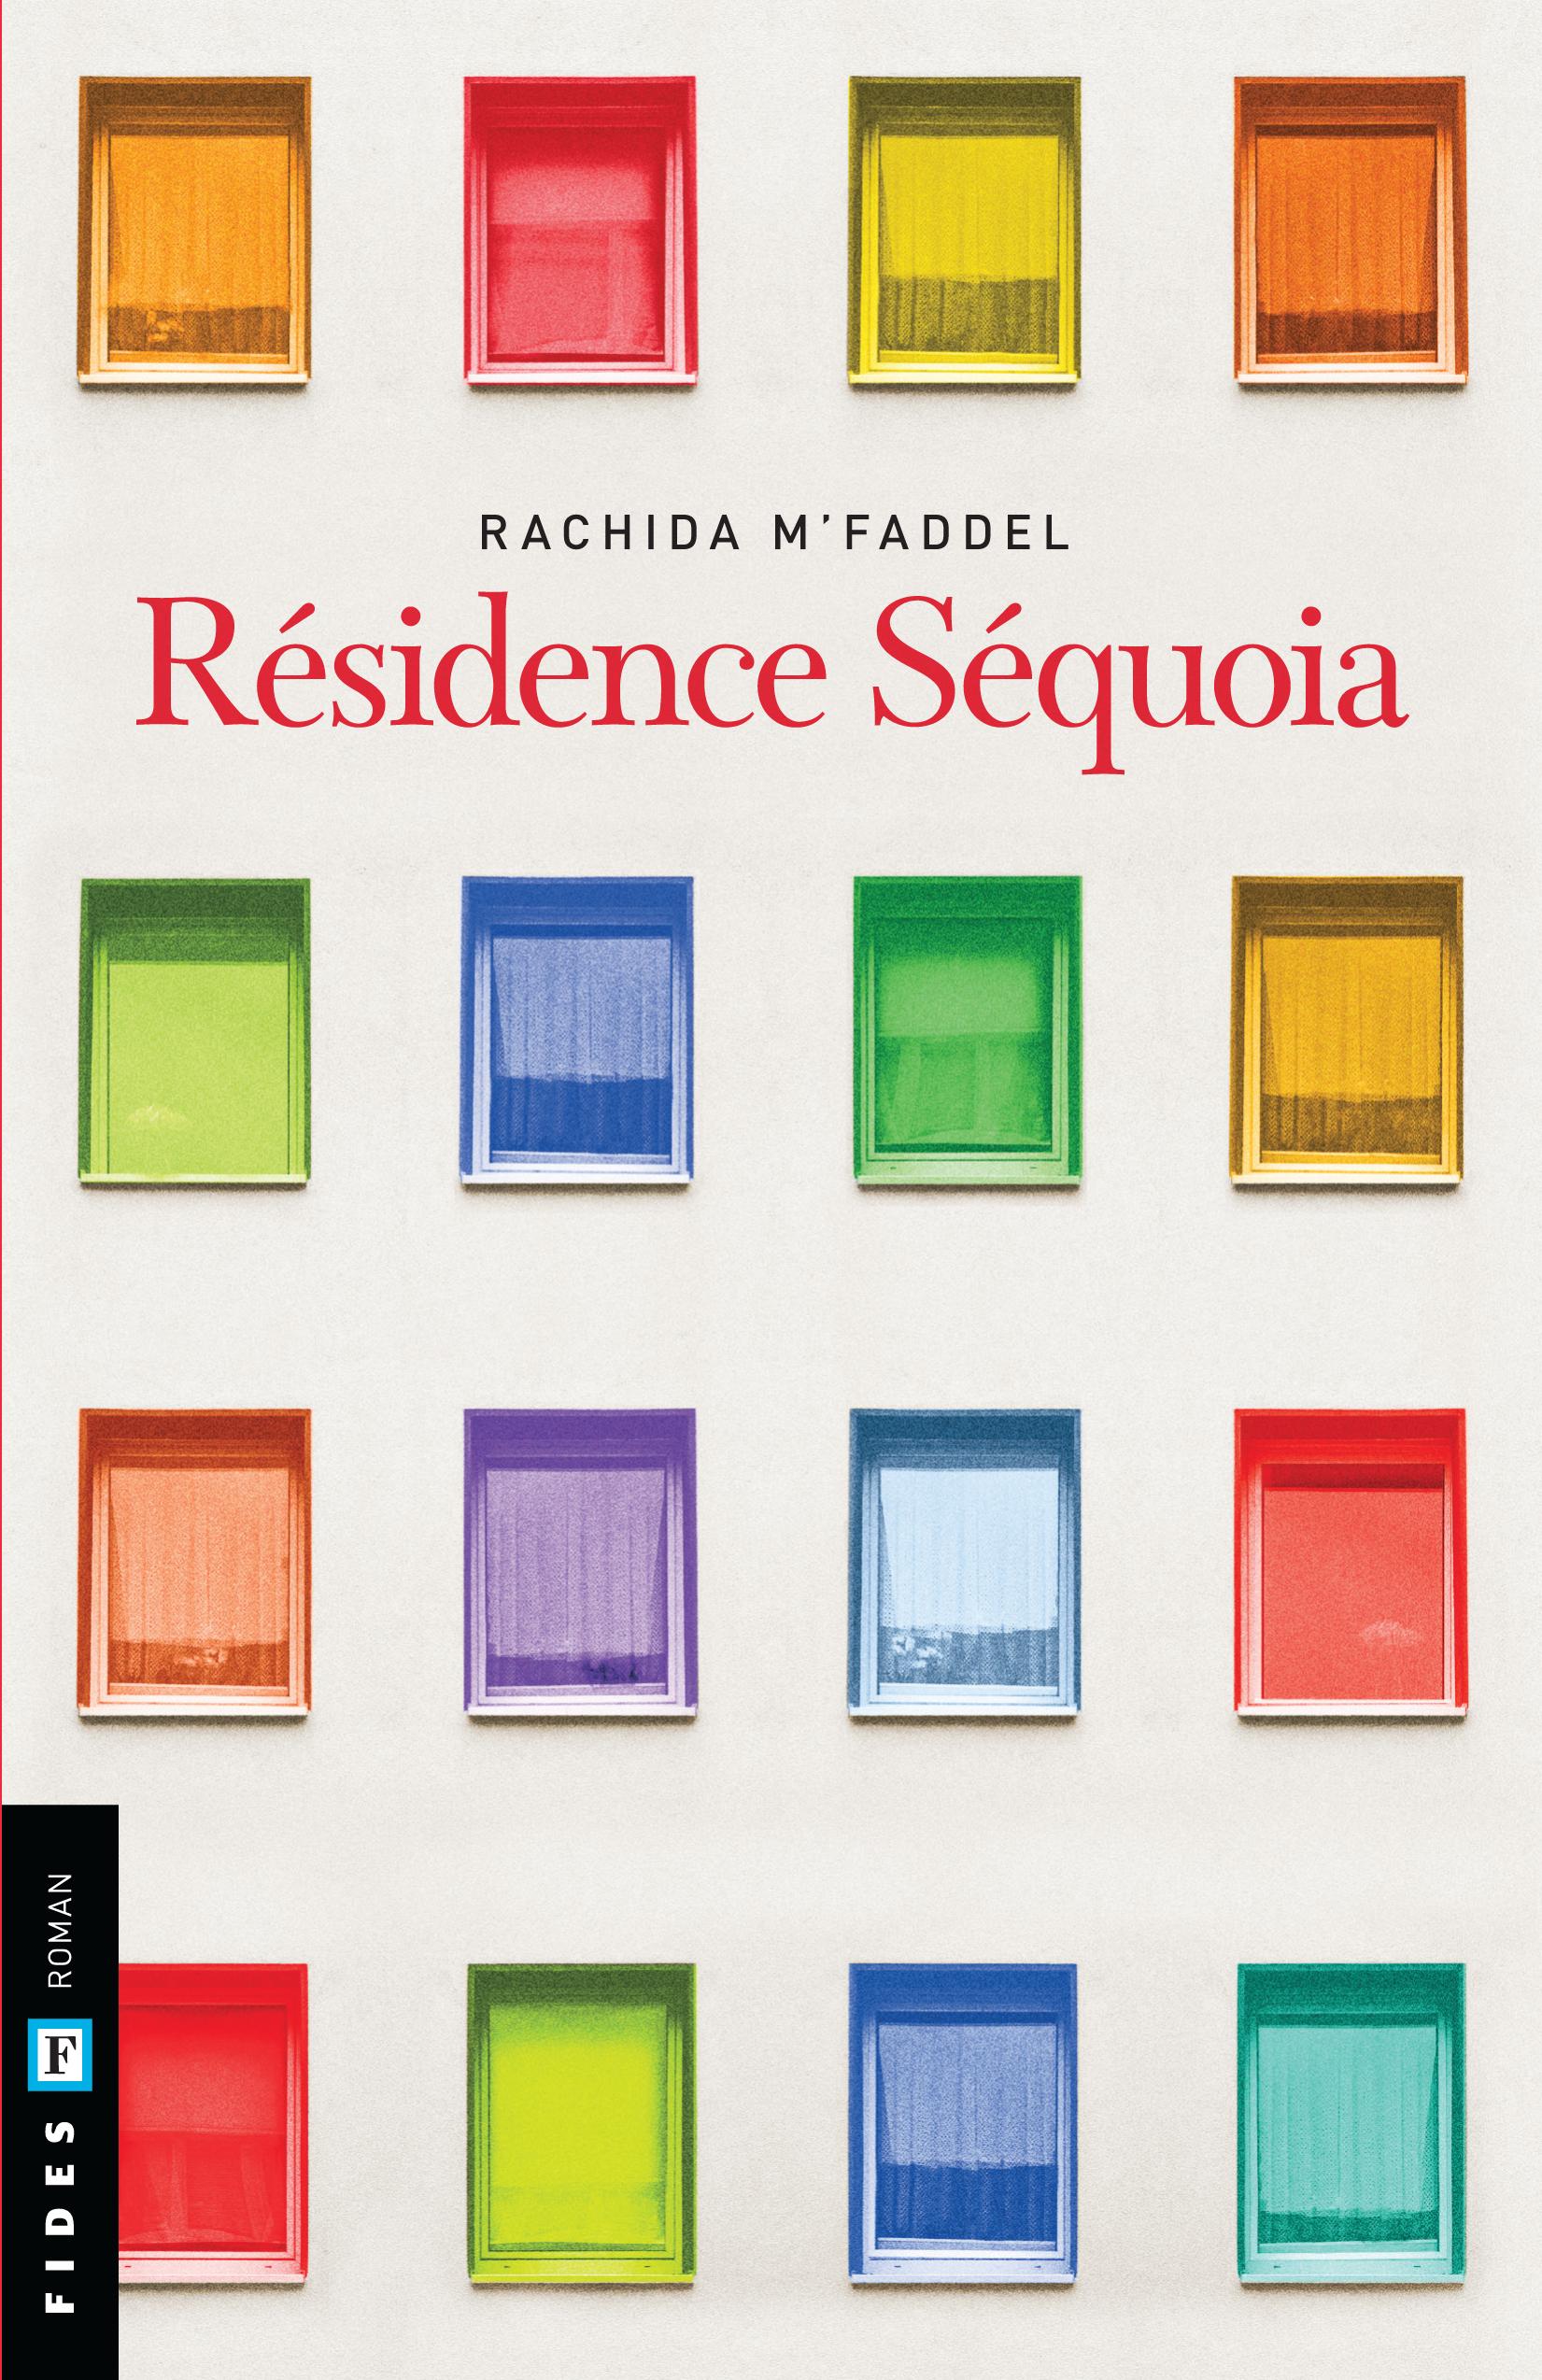 La couverture du romna Résidence Séquoia de l'écrivaine Rachida M'Faddel.